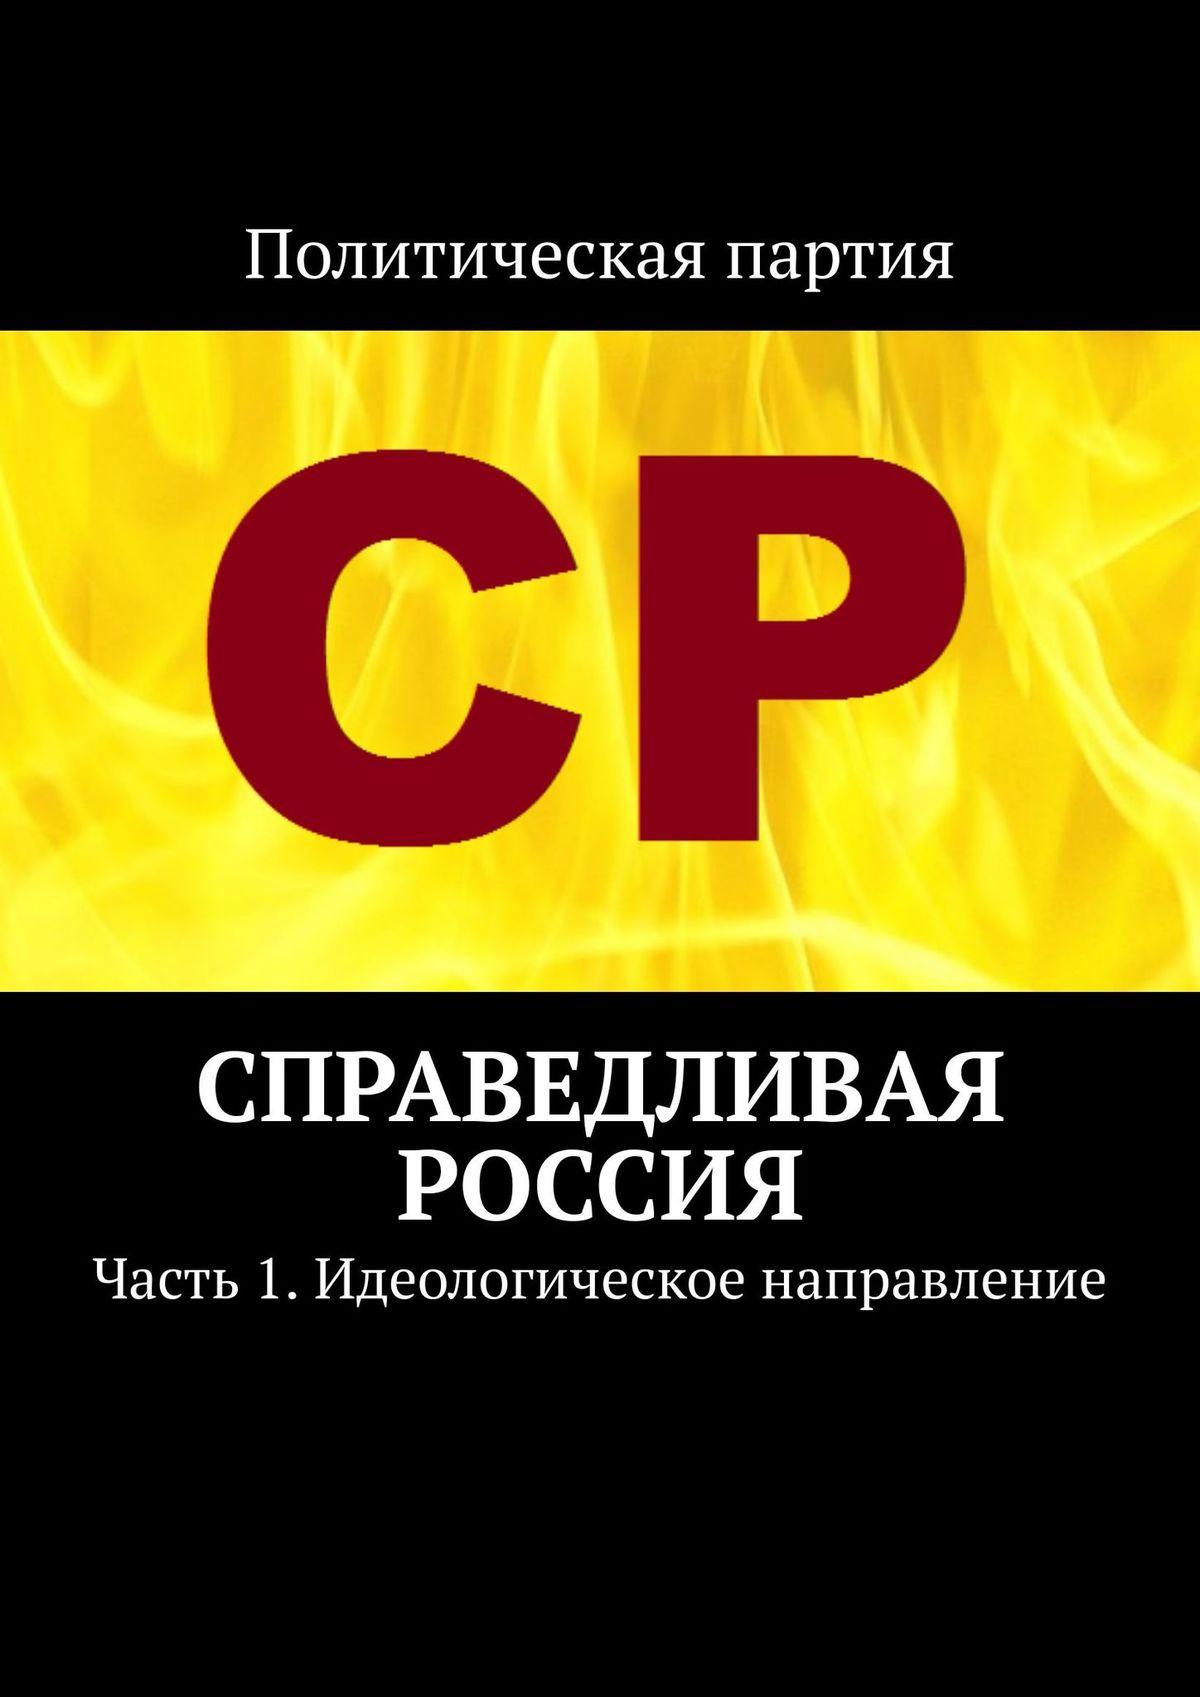 Справедливая Россия. Часть 1. Идеологическое направление